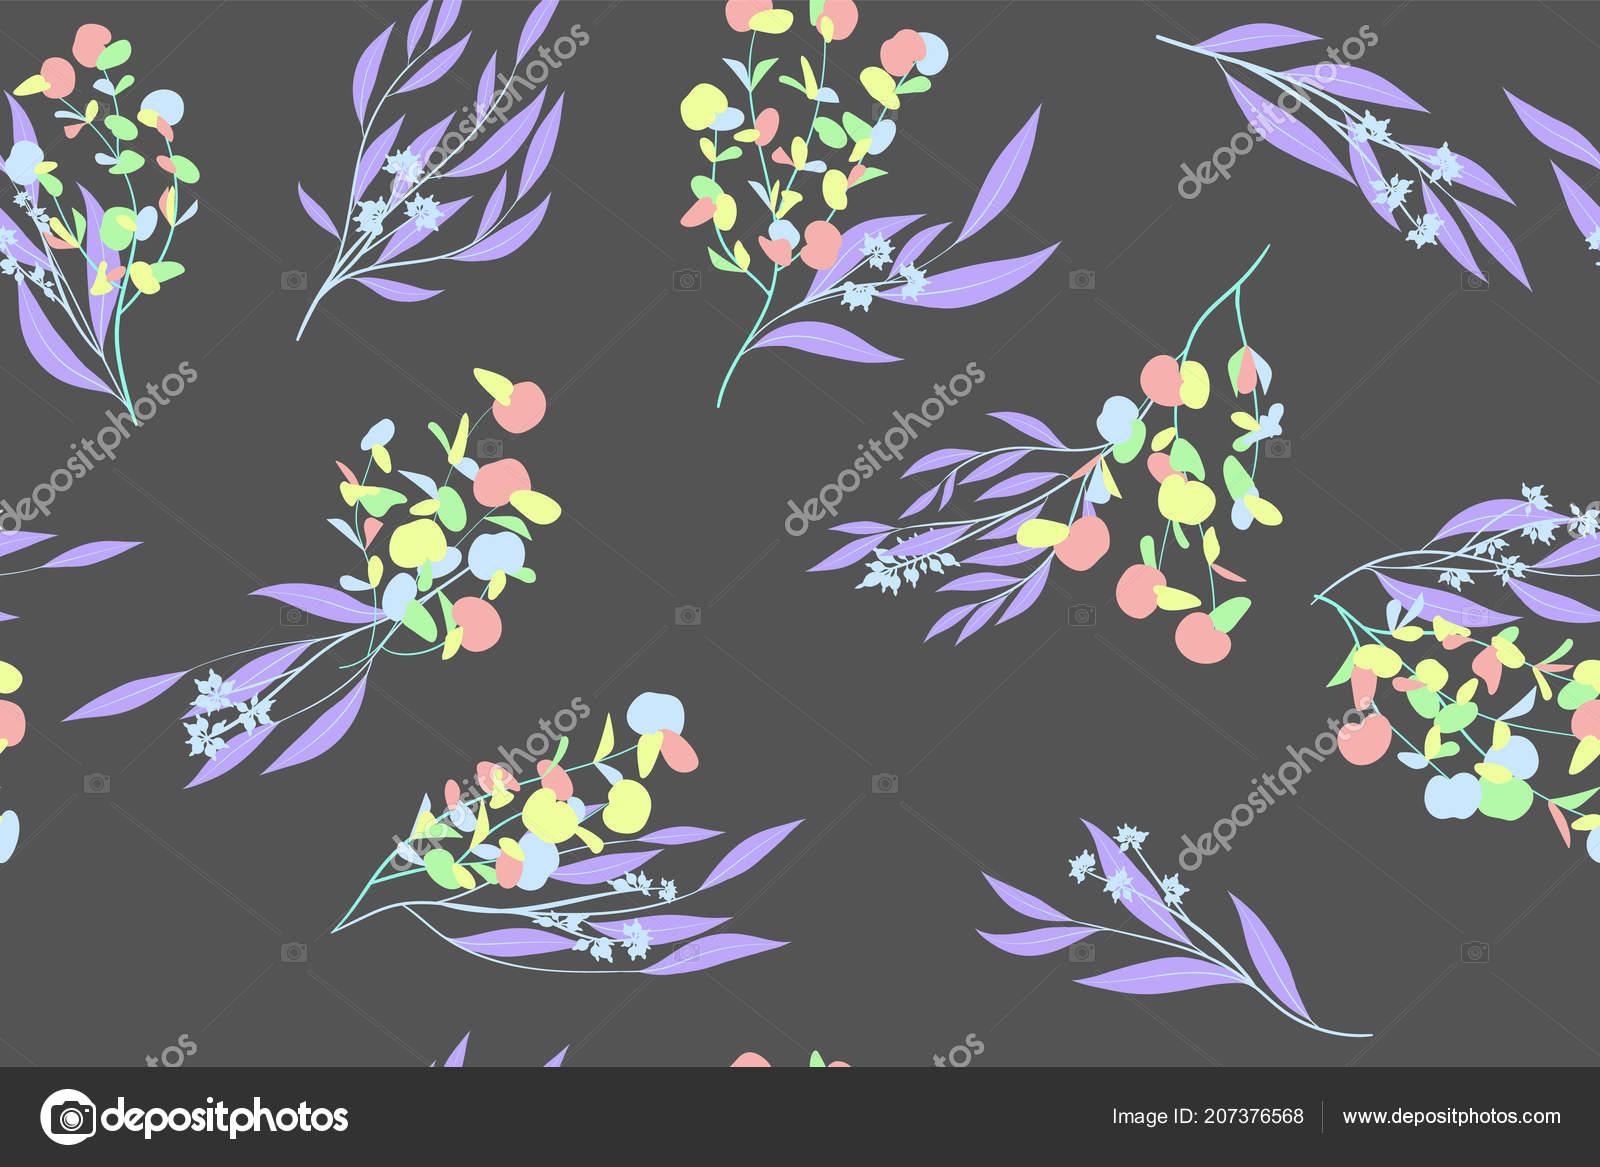 Behang Kleur Eucalyptus : Naadloze zomer patroon in pastel kleur ontwerp vector eucalyptus